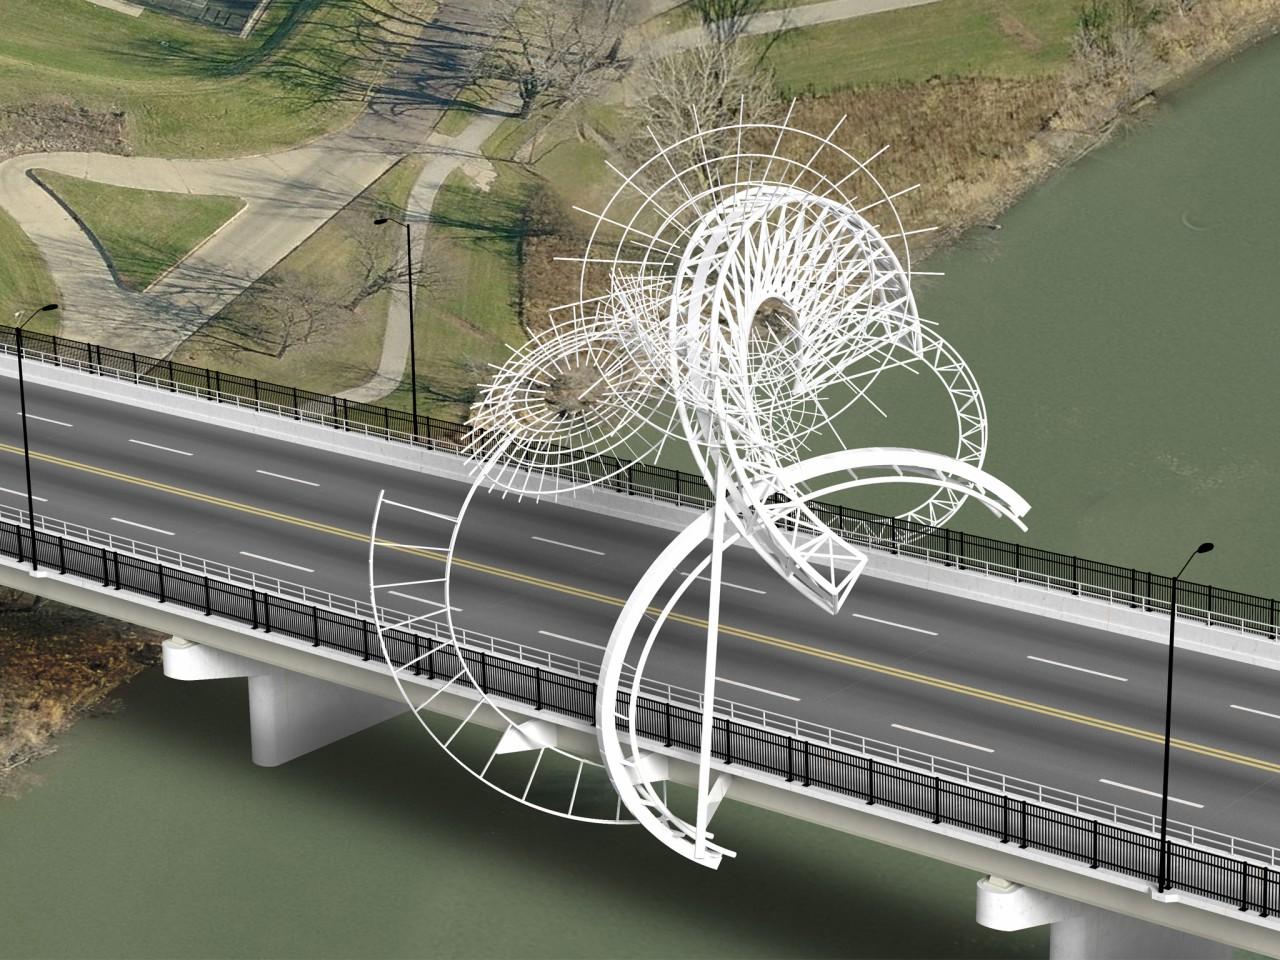 6th Avenue Bridge Project